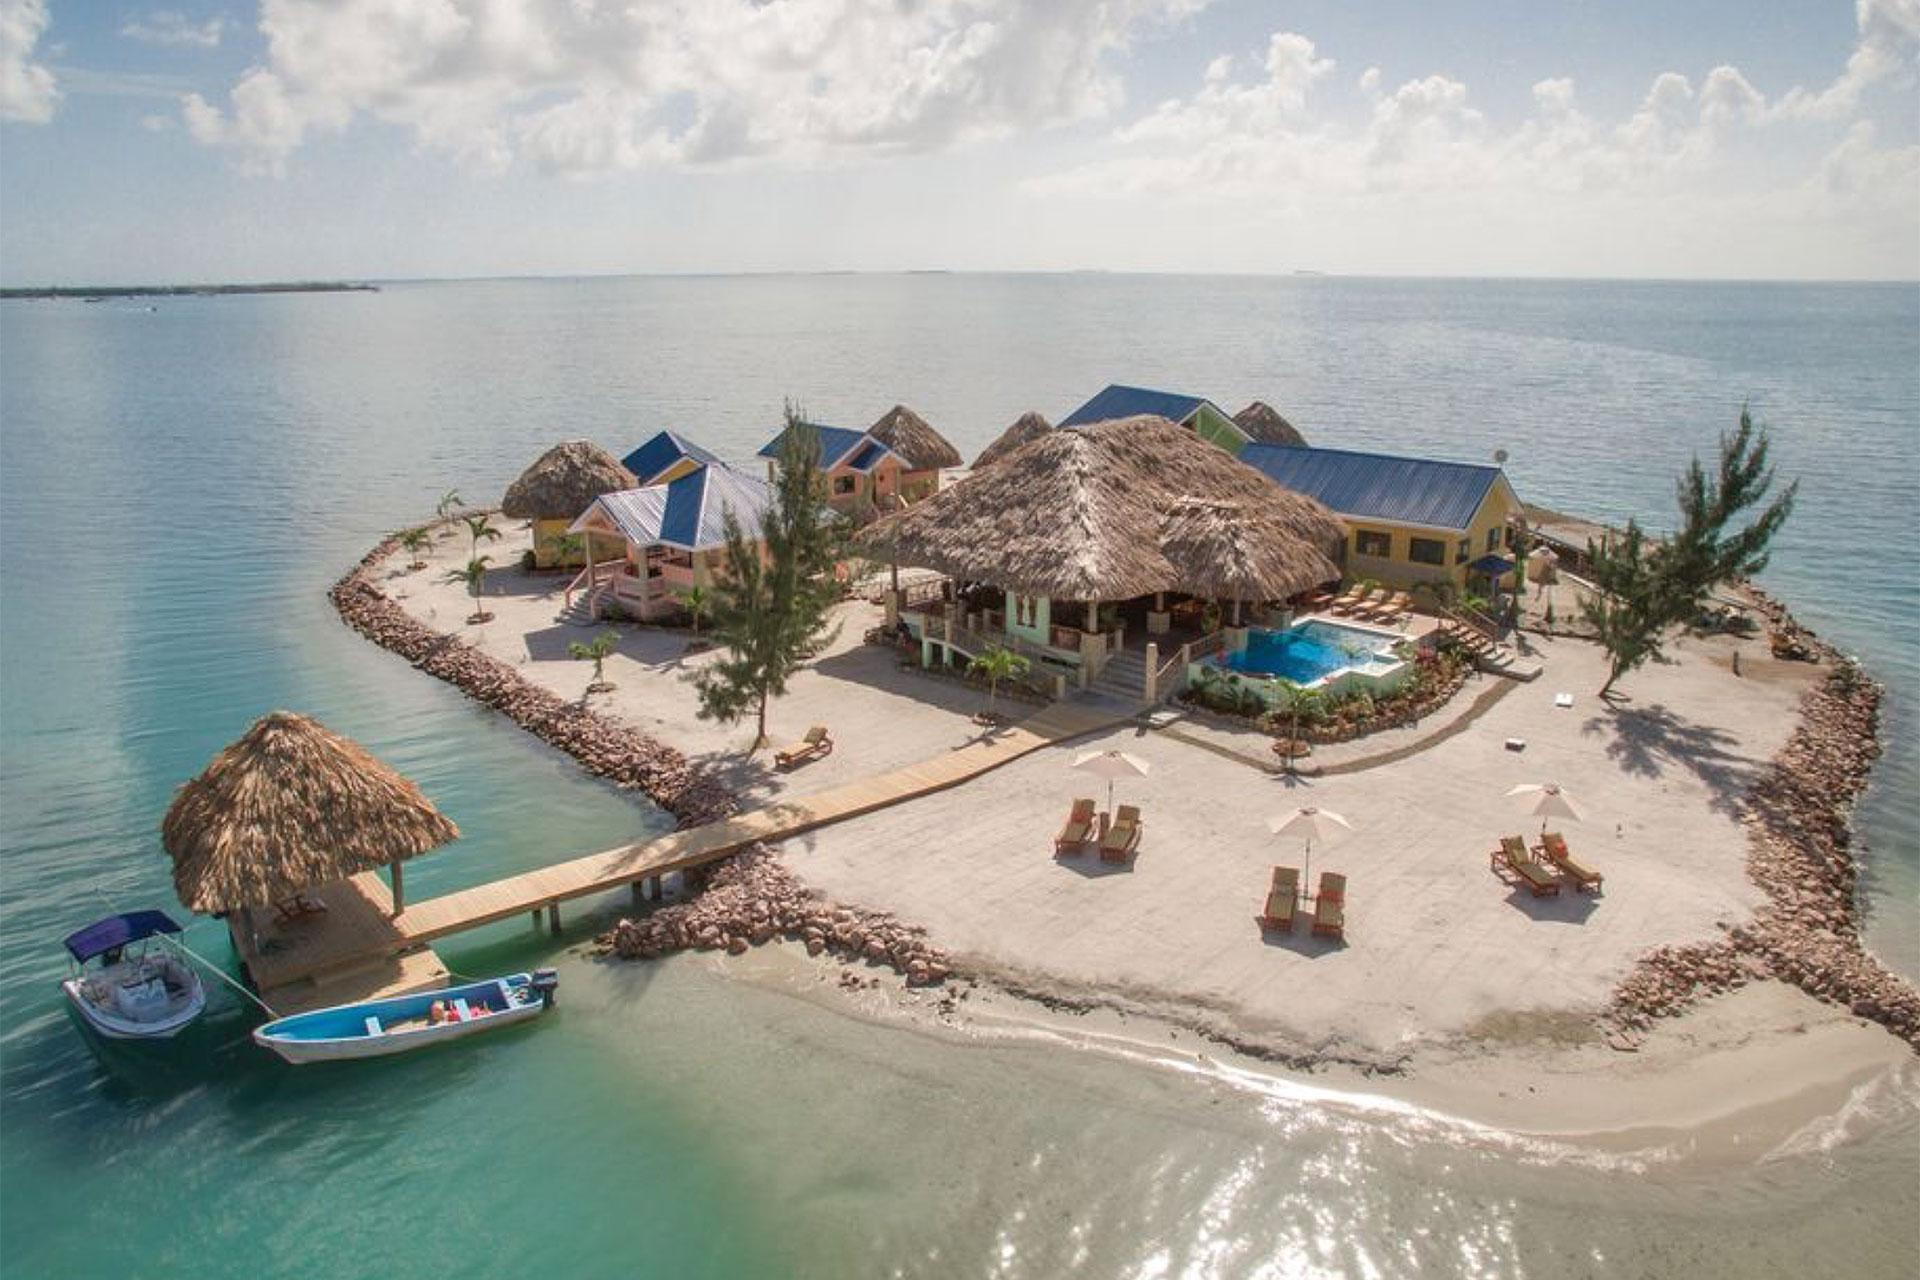 Private Island Rental in Belize; Courtesy of Vrbo